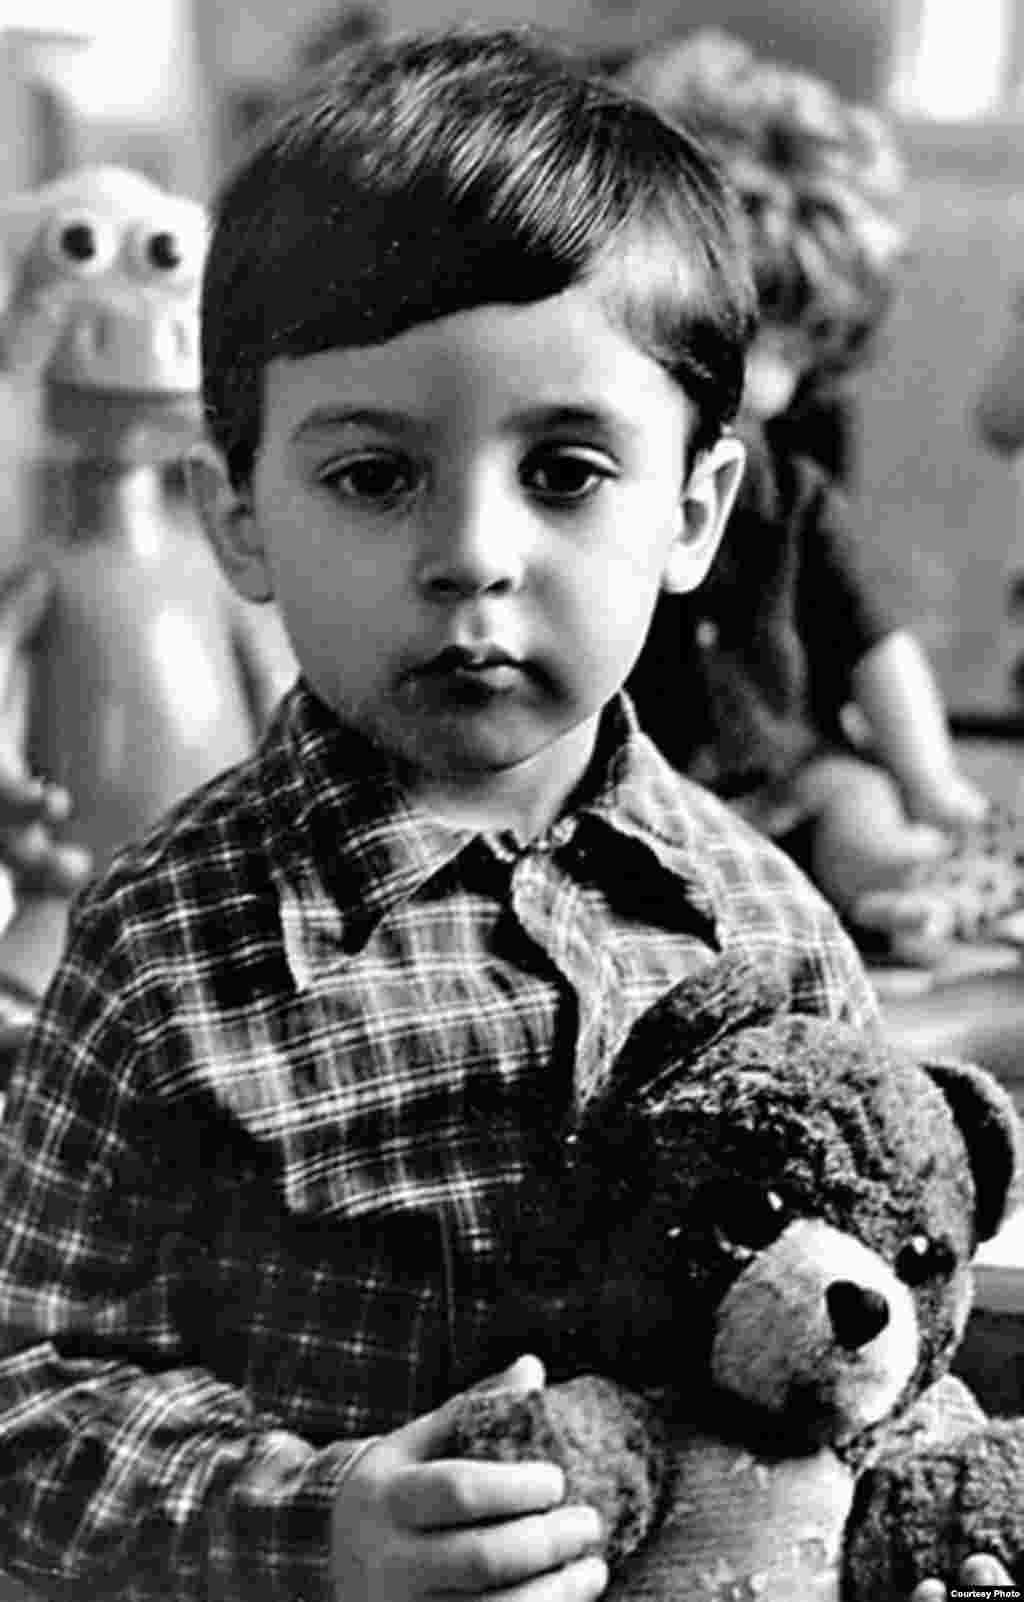 Этот очень серьезный мальчик – бывший комик и нынешний президент Украины Владимир Зеленский. Фото сделано в конце 1970-х или в начале 1980-х годов